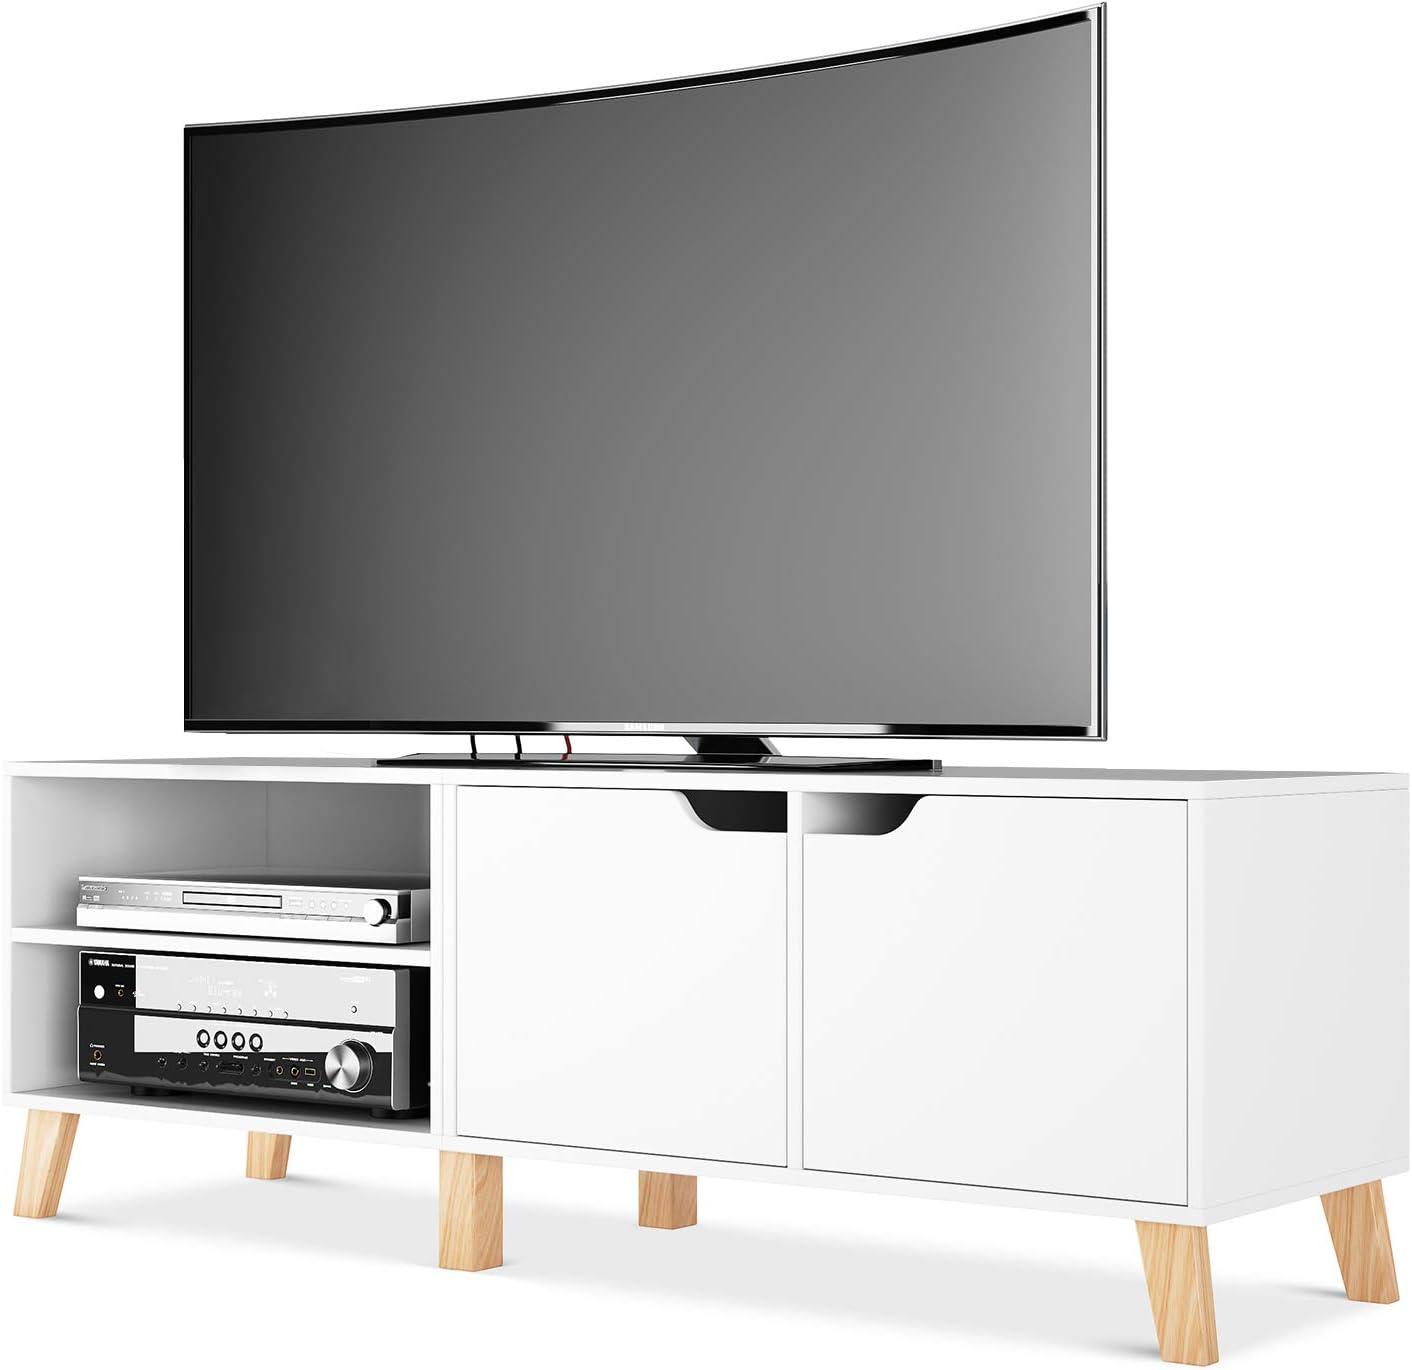 Homfa - Mueble para televisor (Madera, 140 x 40 x 48 cm), Color Blanco: Amazon.es: Juguetes y juegos